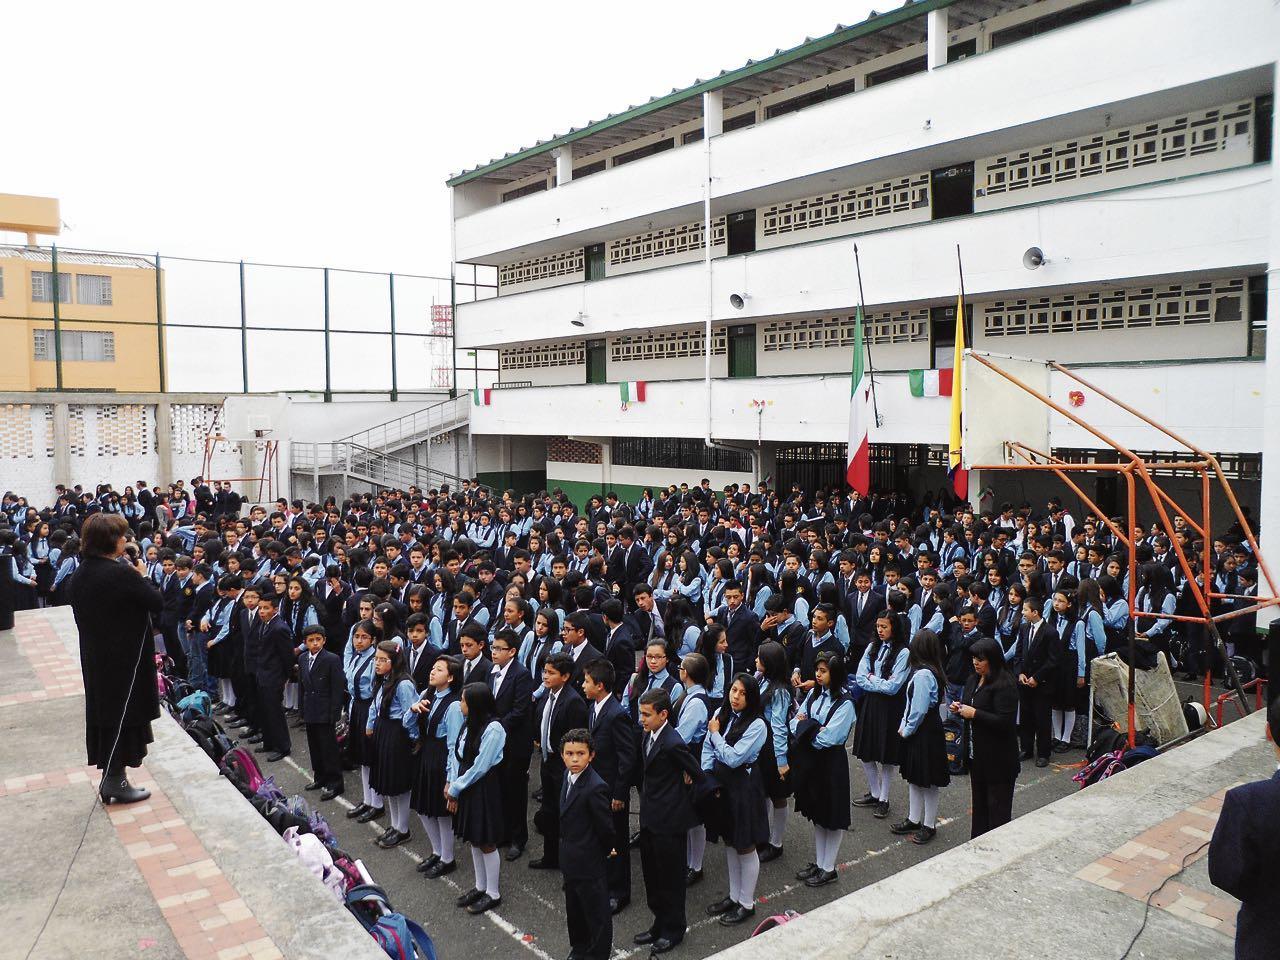 Al final de cada año se publican los listados de los mejores colegios. Solo hay seis públicos en la lista